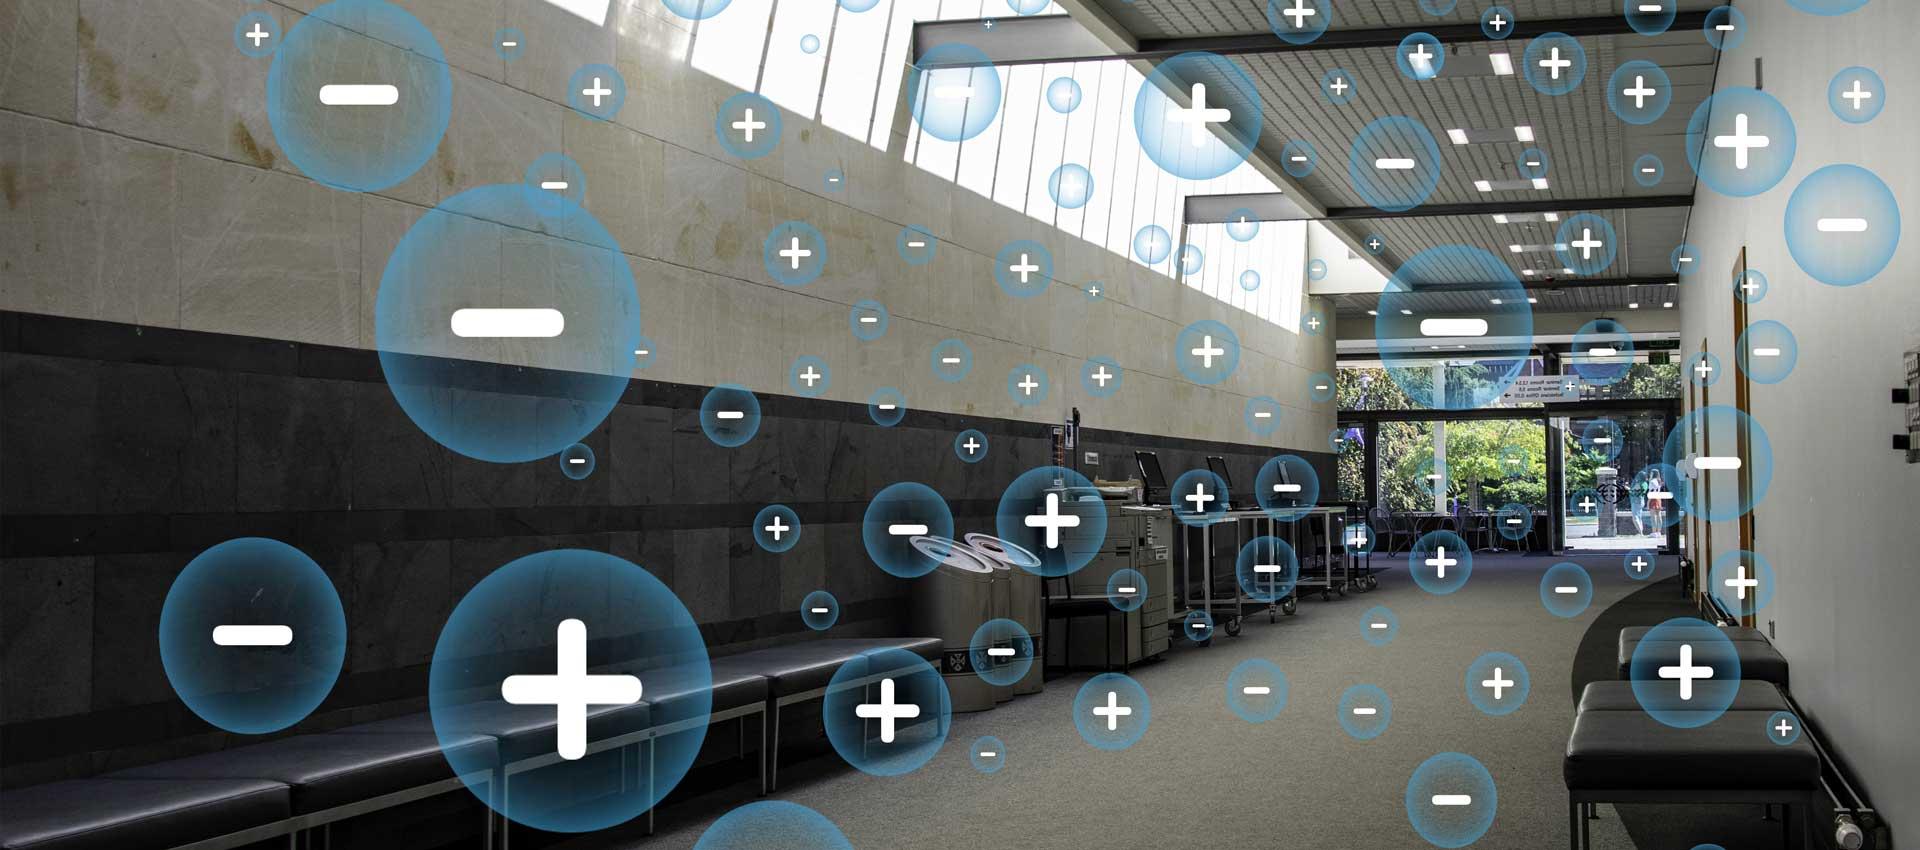 Airius-PureAir+-Air-Surface-Purification-System-Banner-Pic-2